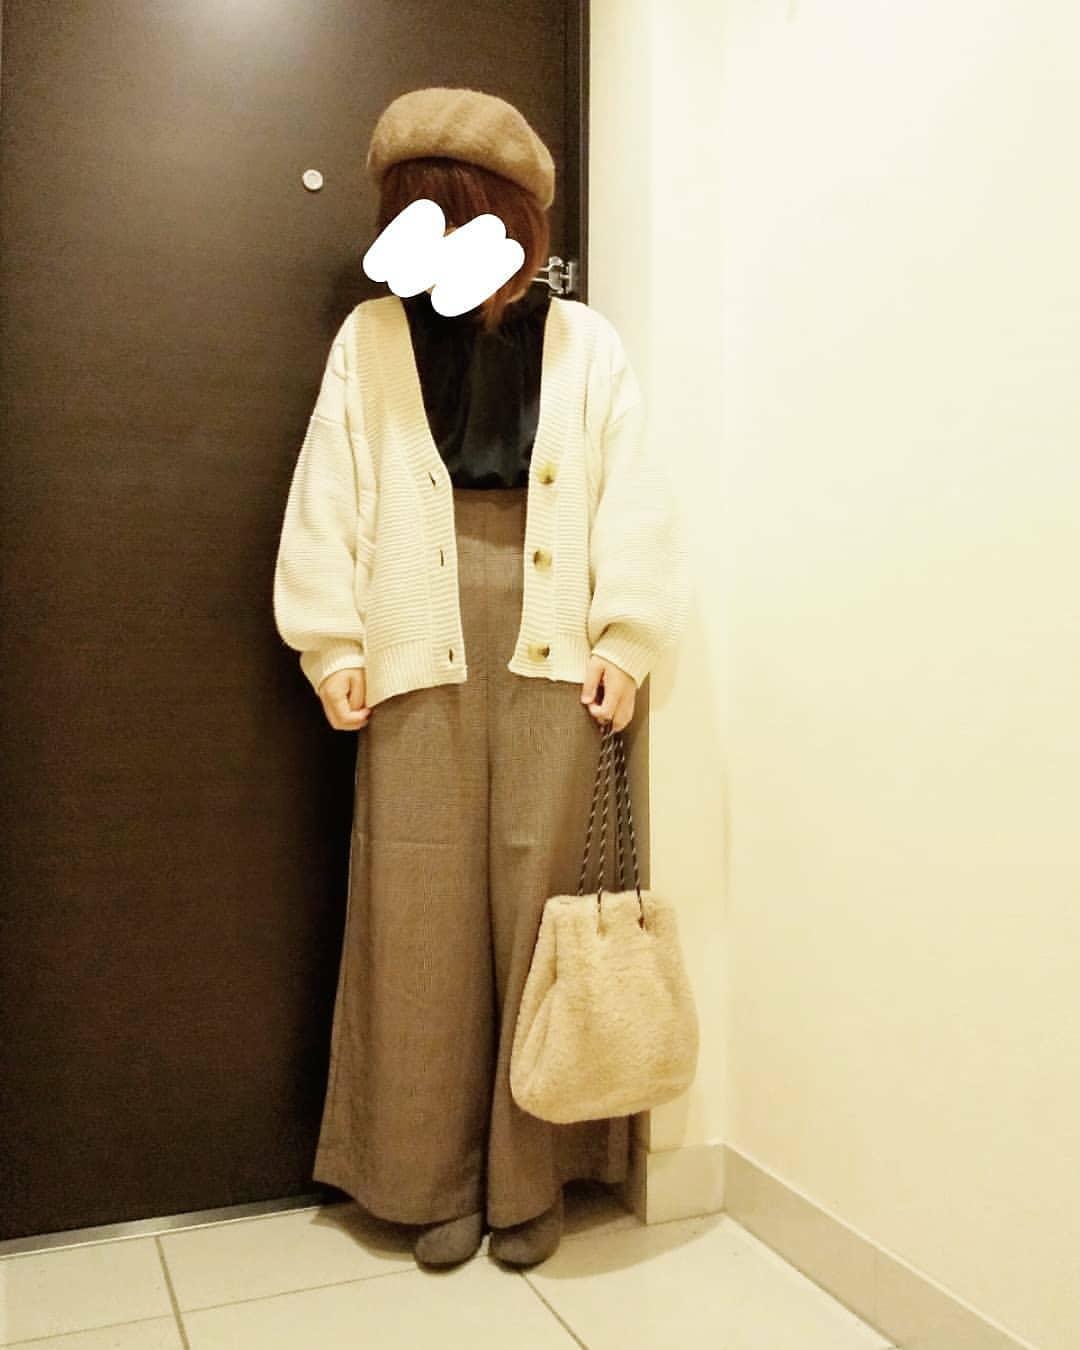 最高気温22度・最低気温15度 yoco_145cmの服装